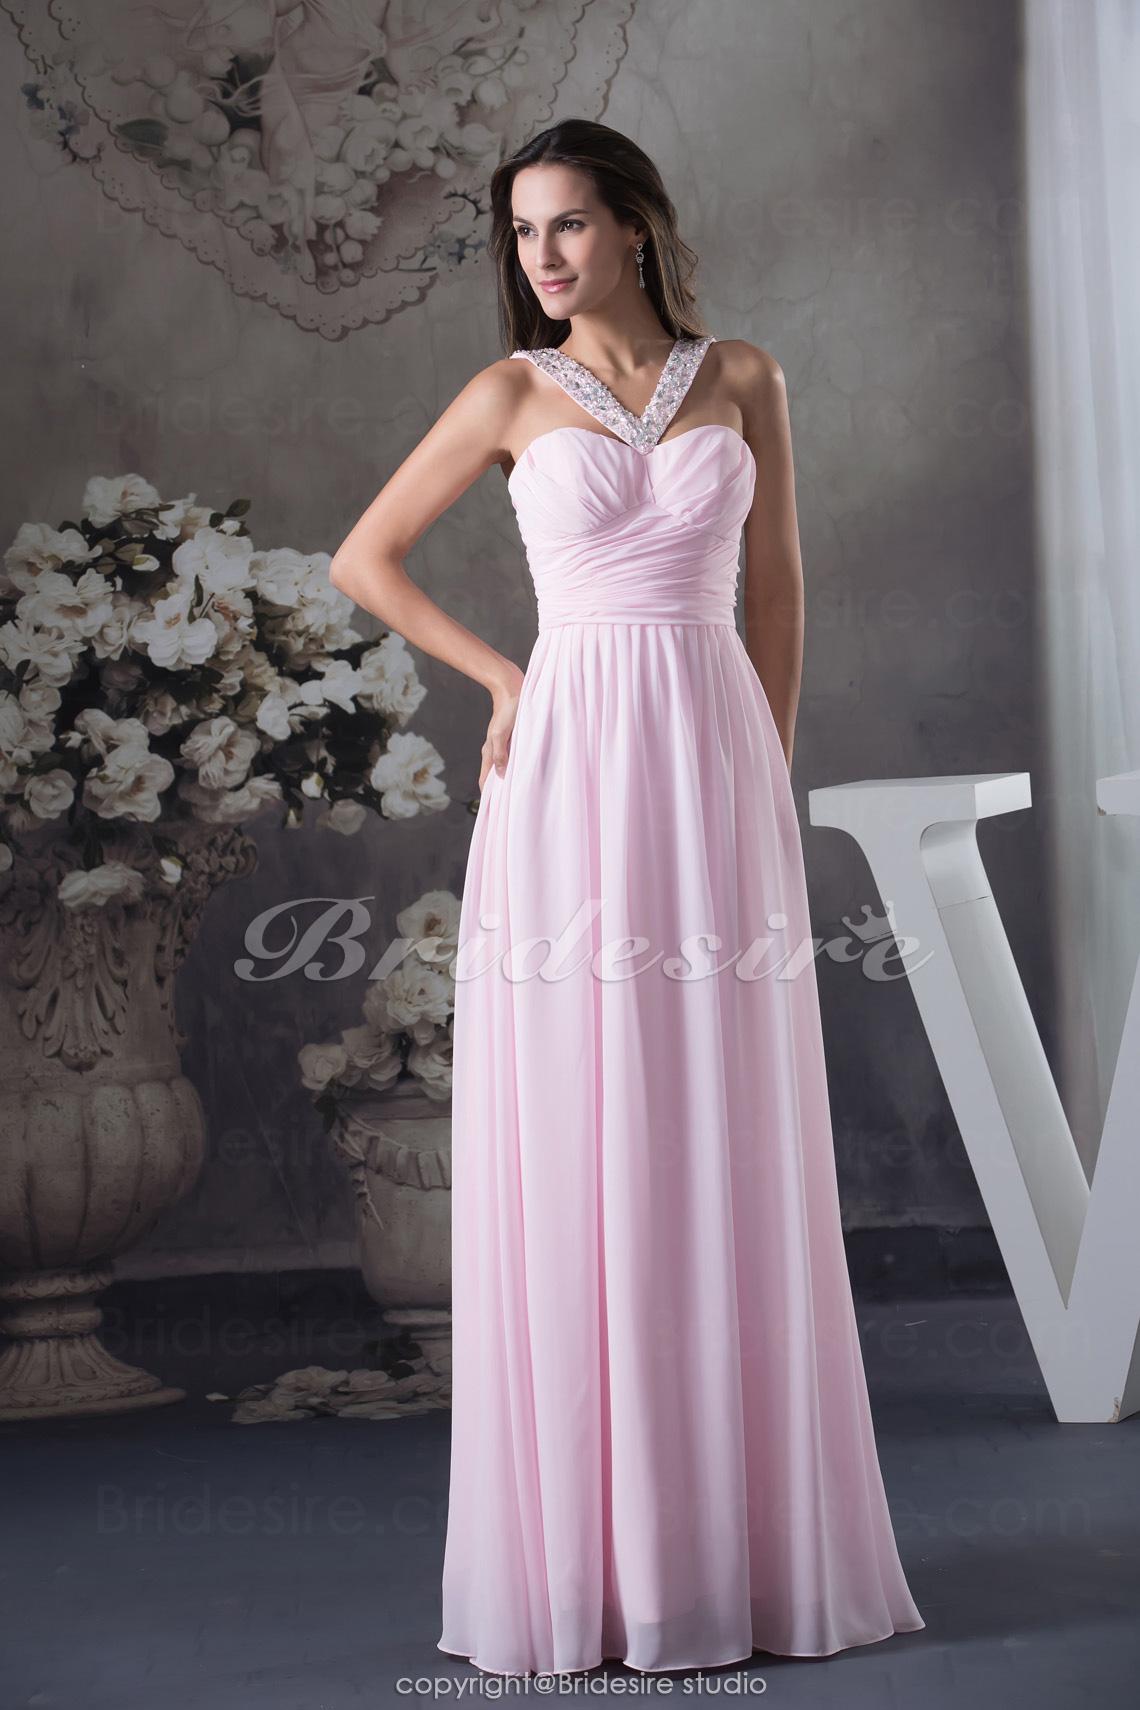 155cf05a0 Bridesire - Corte A Escote Halter Hasta el Suelo Sin Mangas Gasa Vestido   BD4587  - €95.63   Bridesire